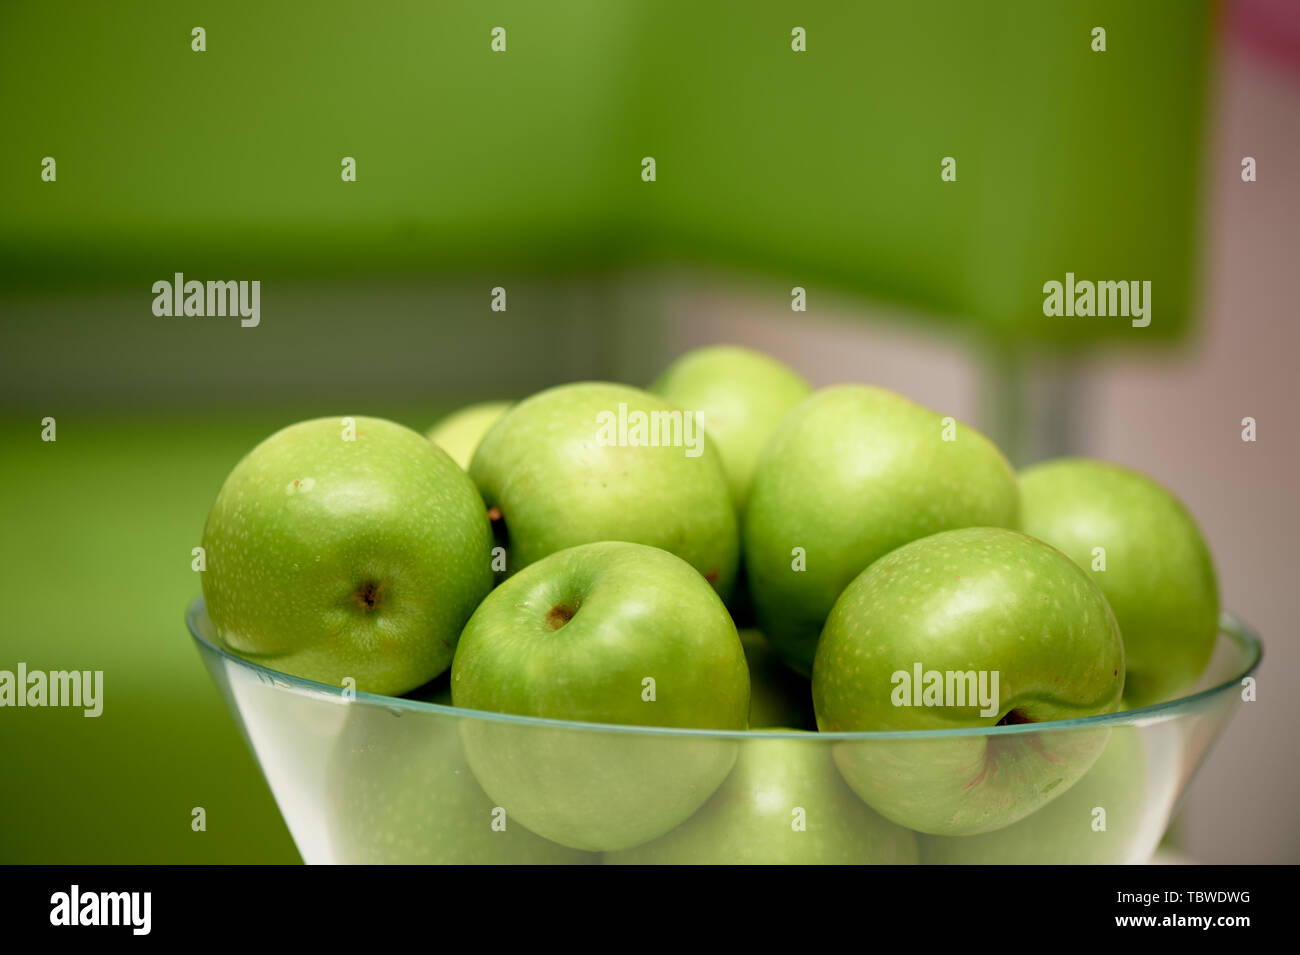 Glas Vase mit grünen Äpfeln. Frische saftige Früchte, vegetarisches Essen. Stockbild